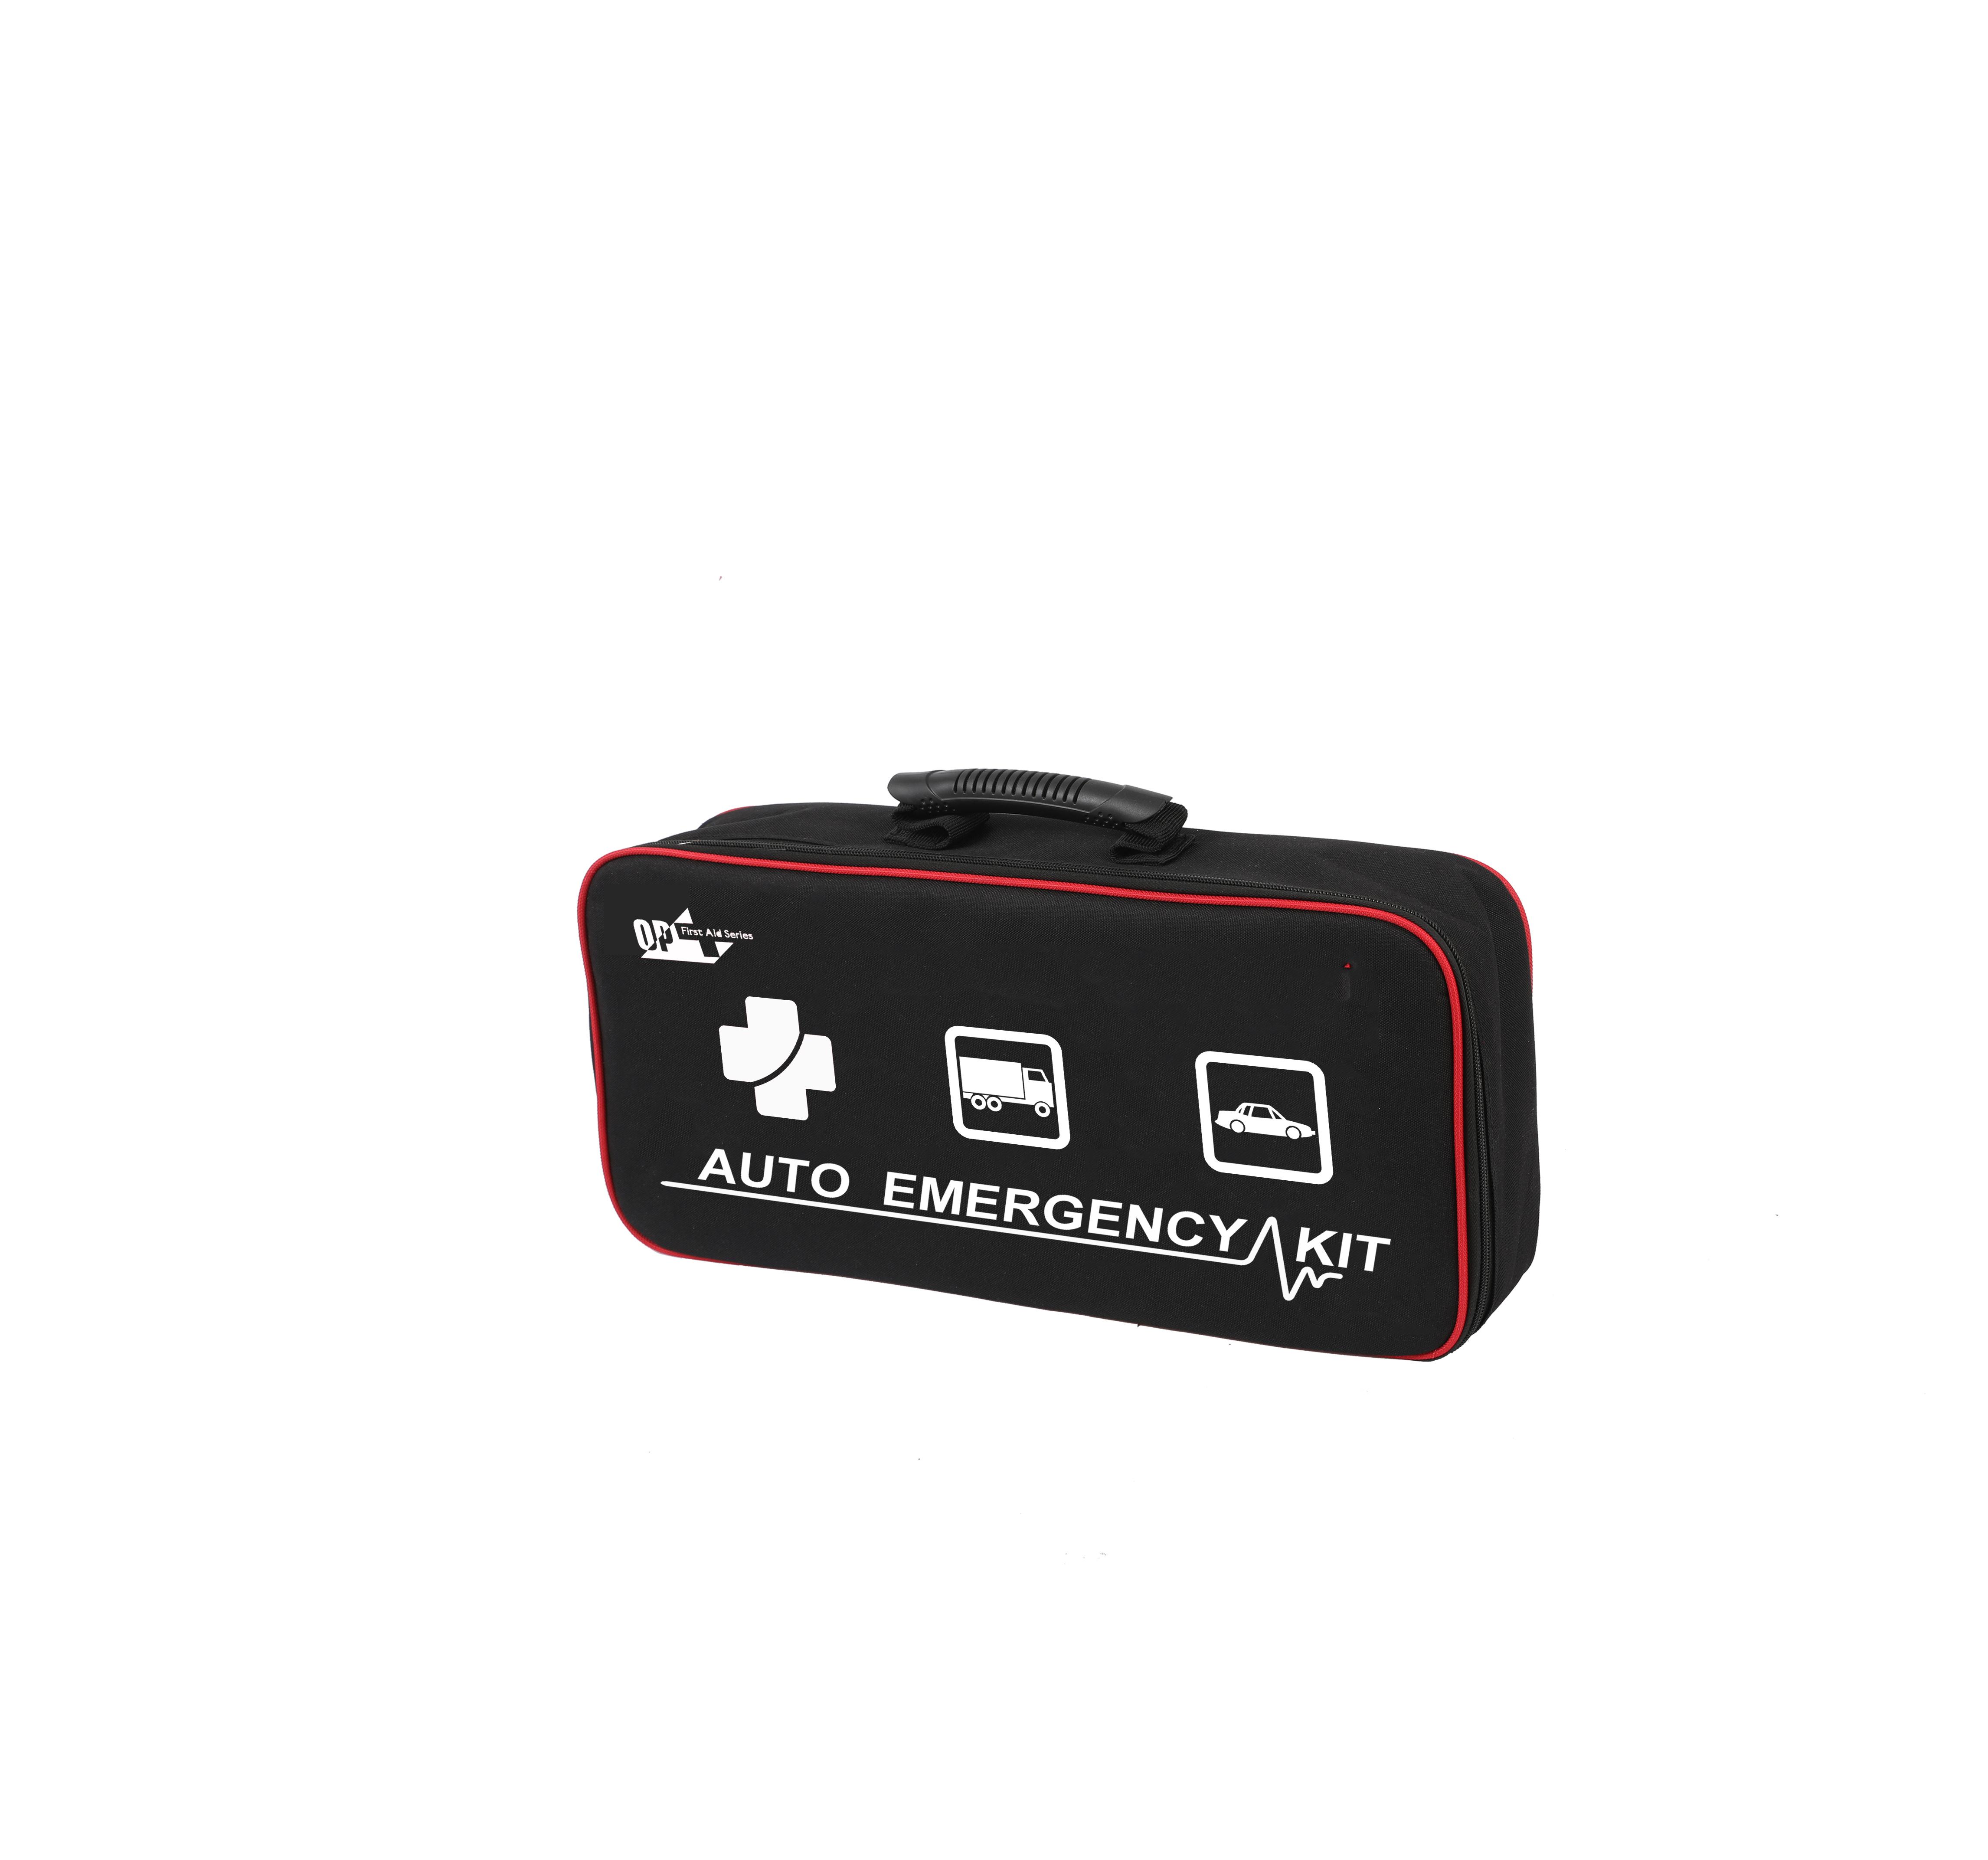 Vehicles emergency kit